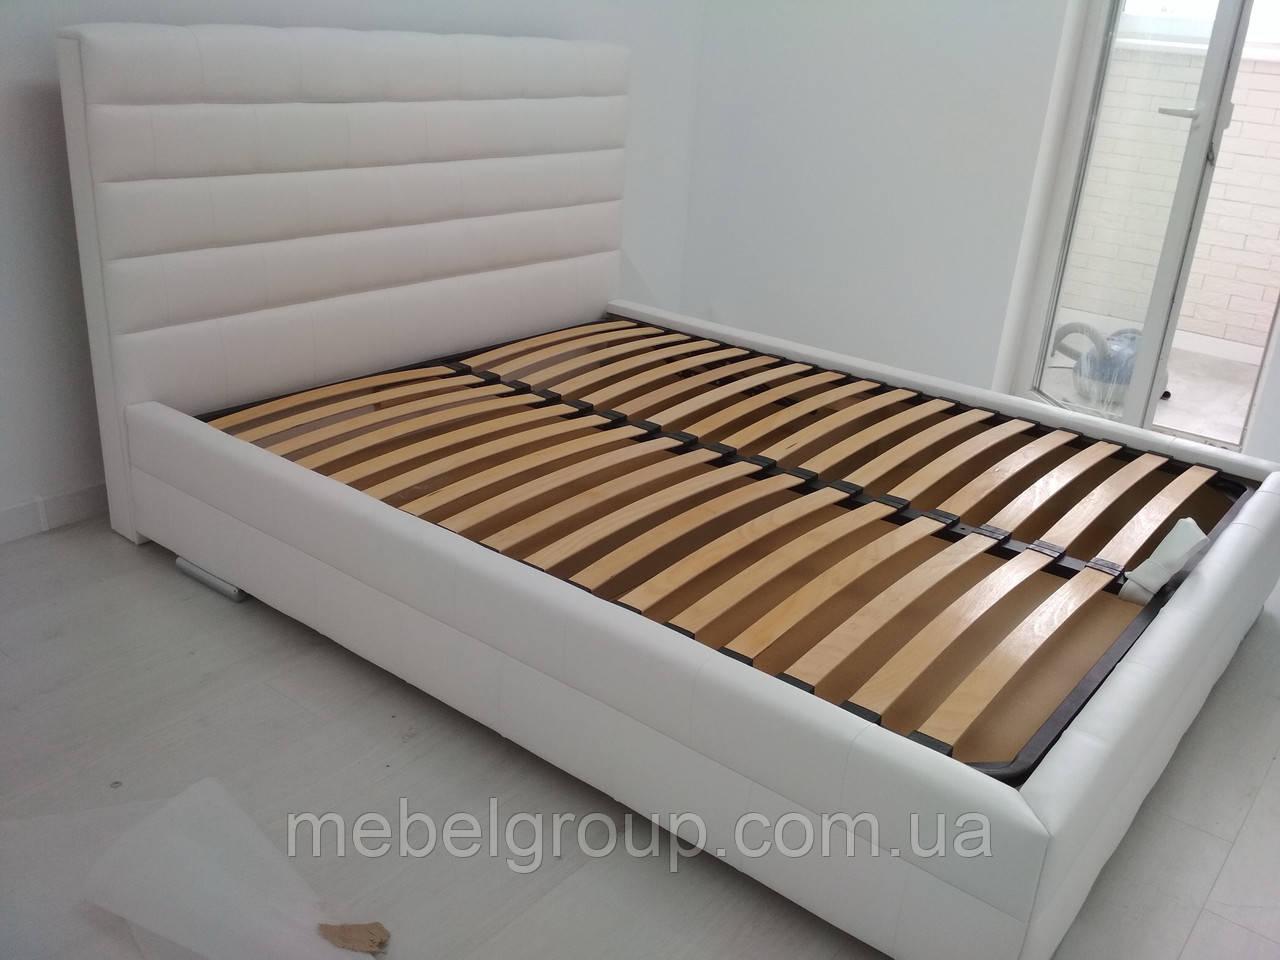 Ліжко Остін 180*200, з механізмом